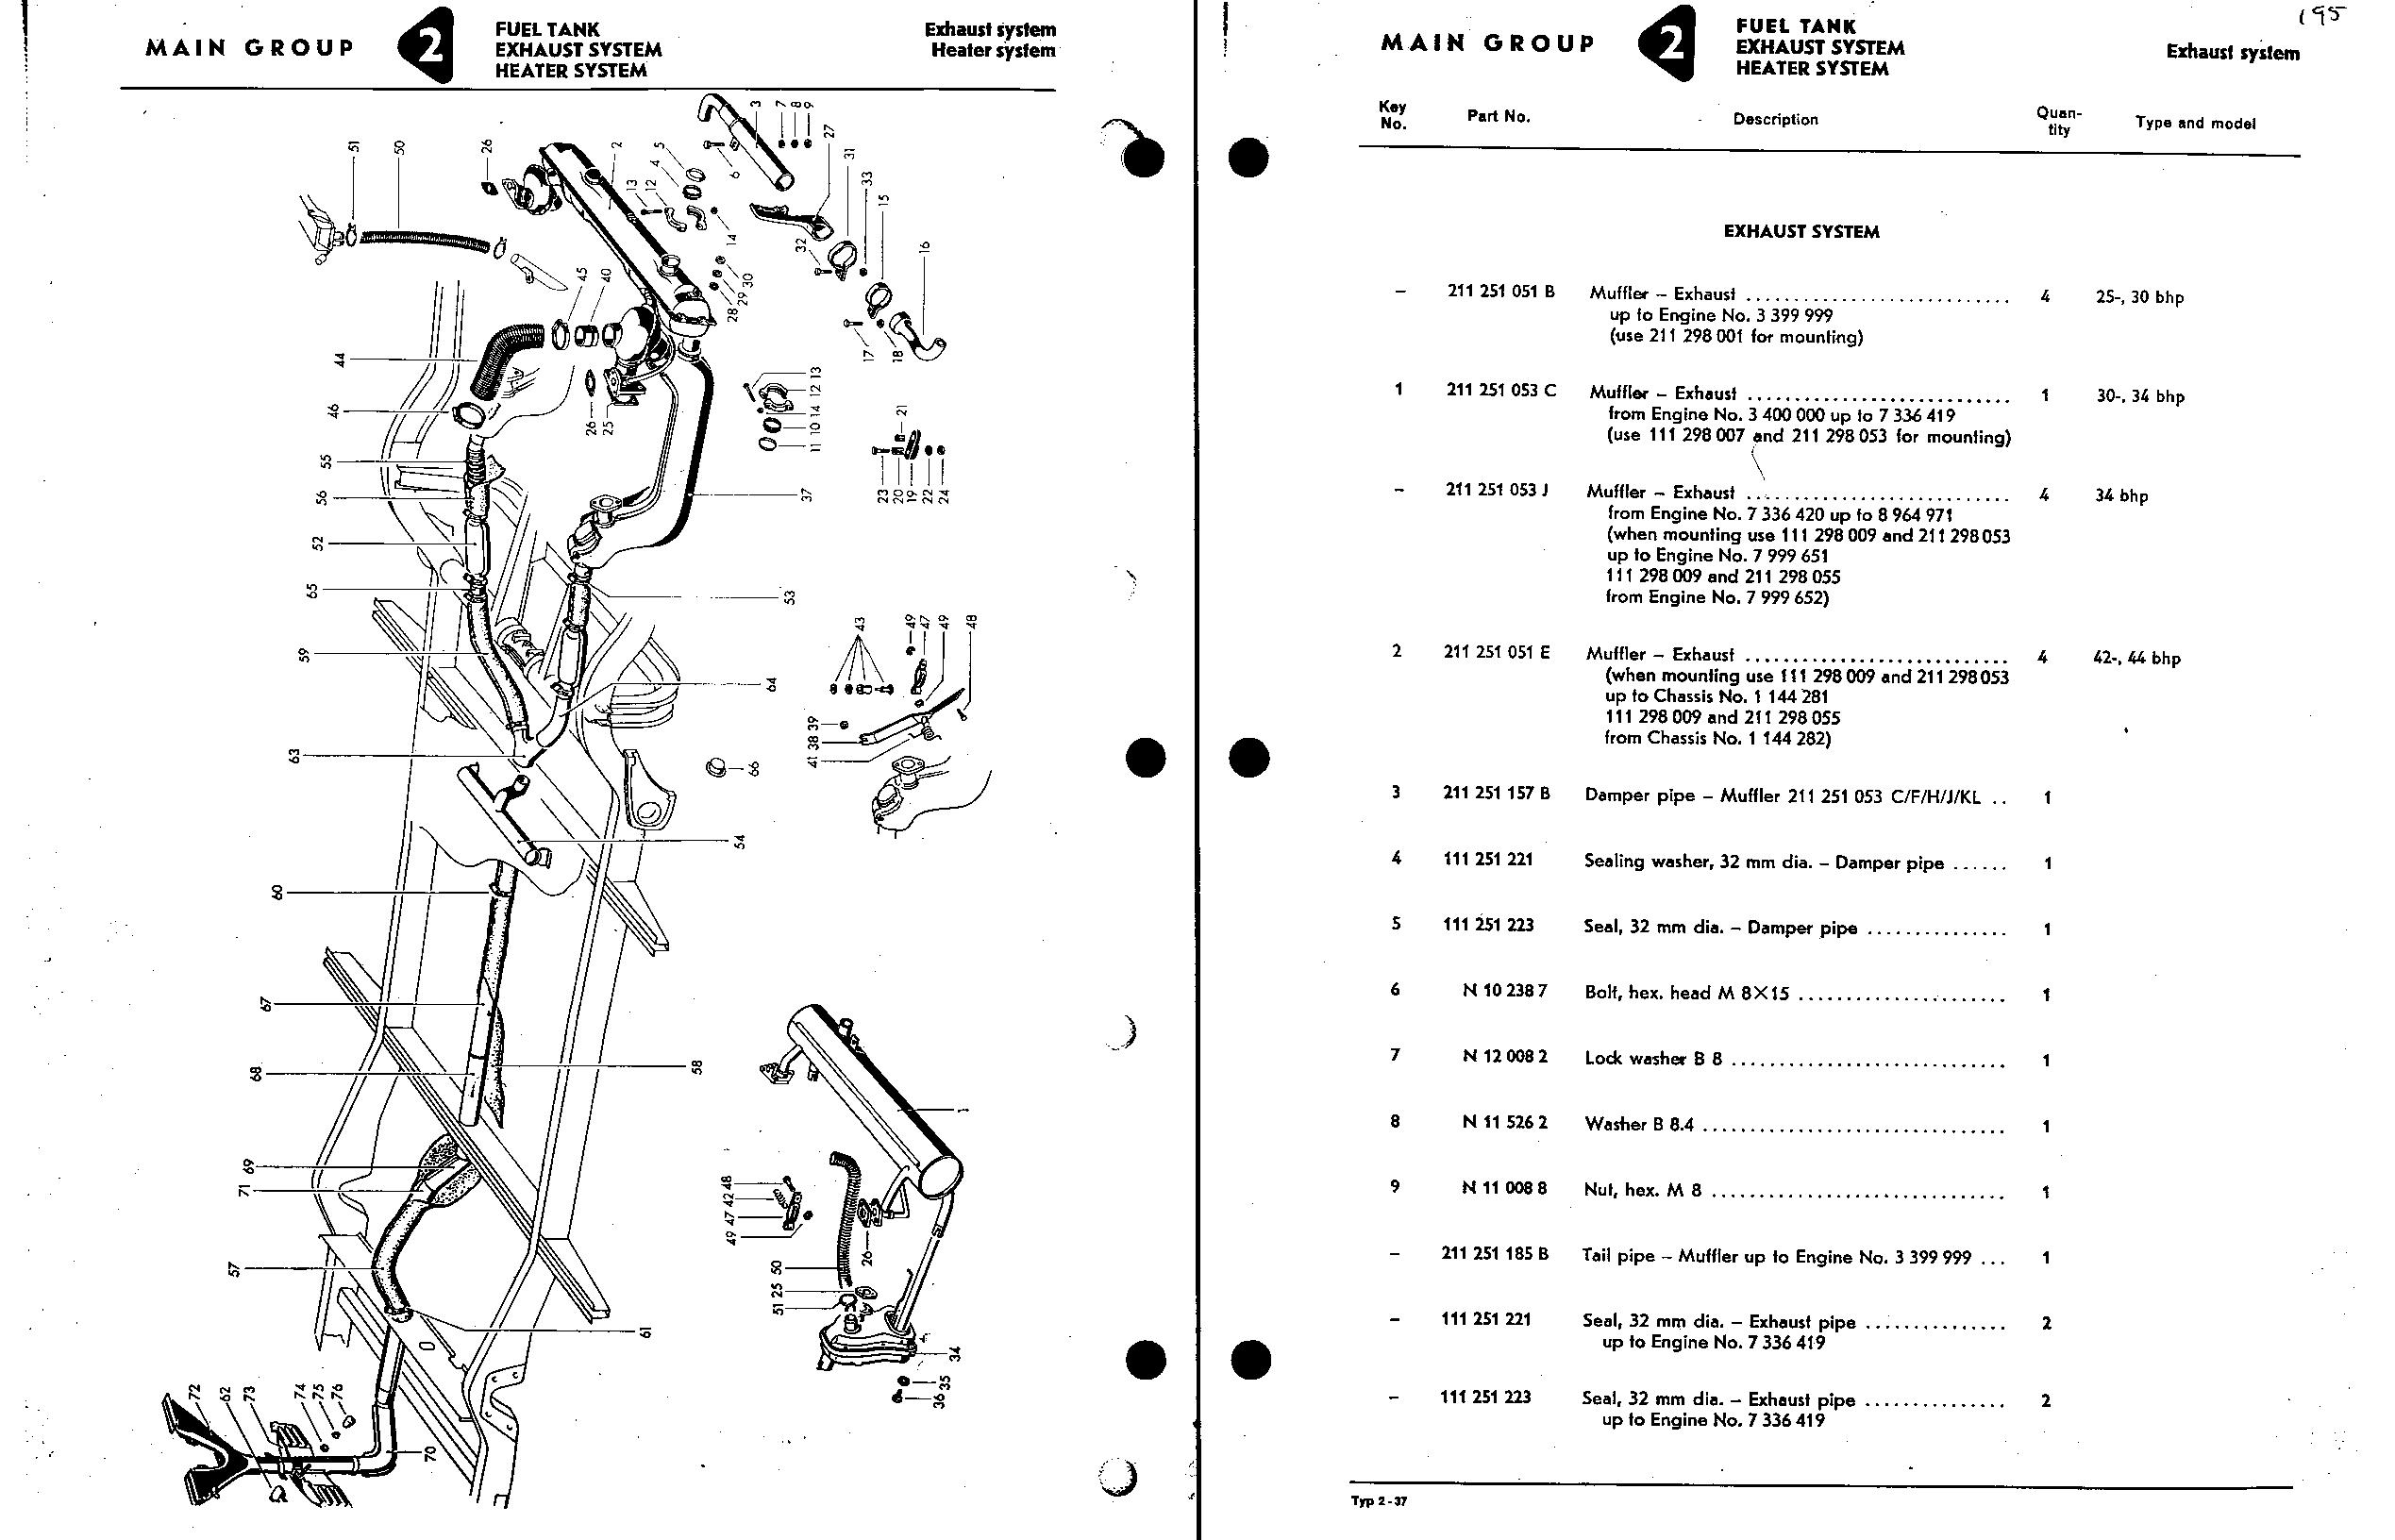 1971 vw type 2 wiring diagram